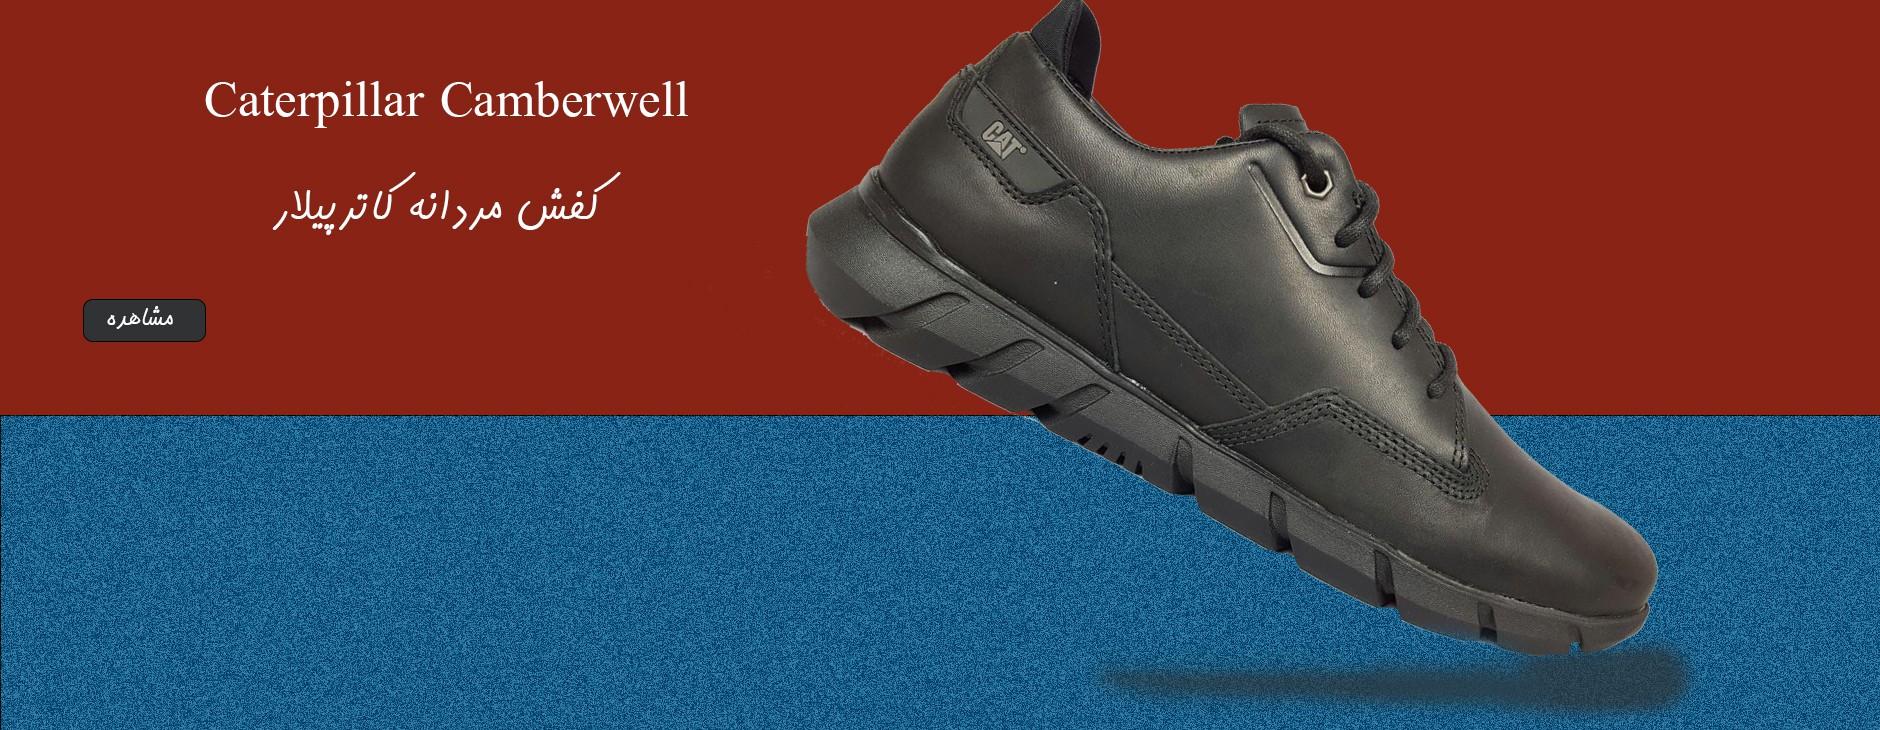 کفش مردانه کاترپیلار